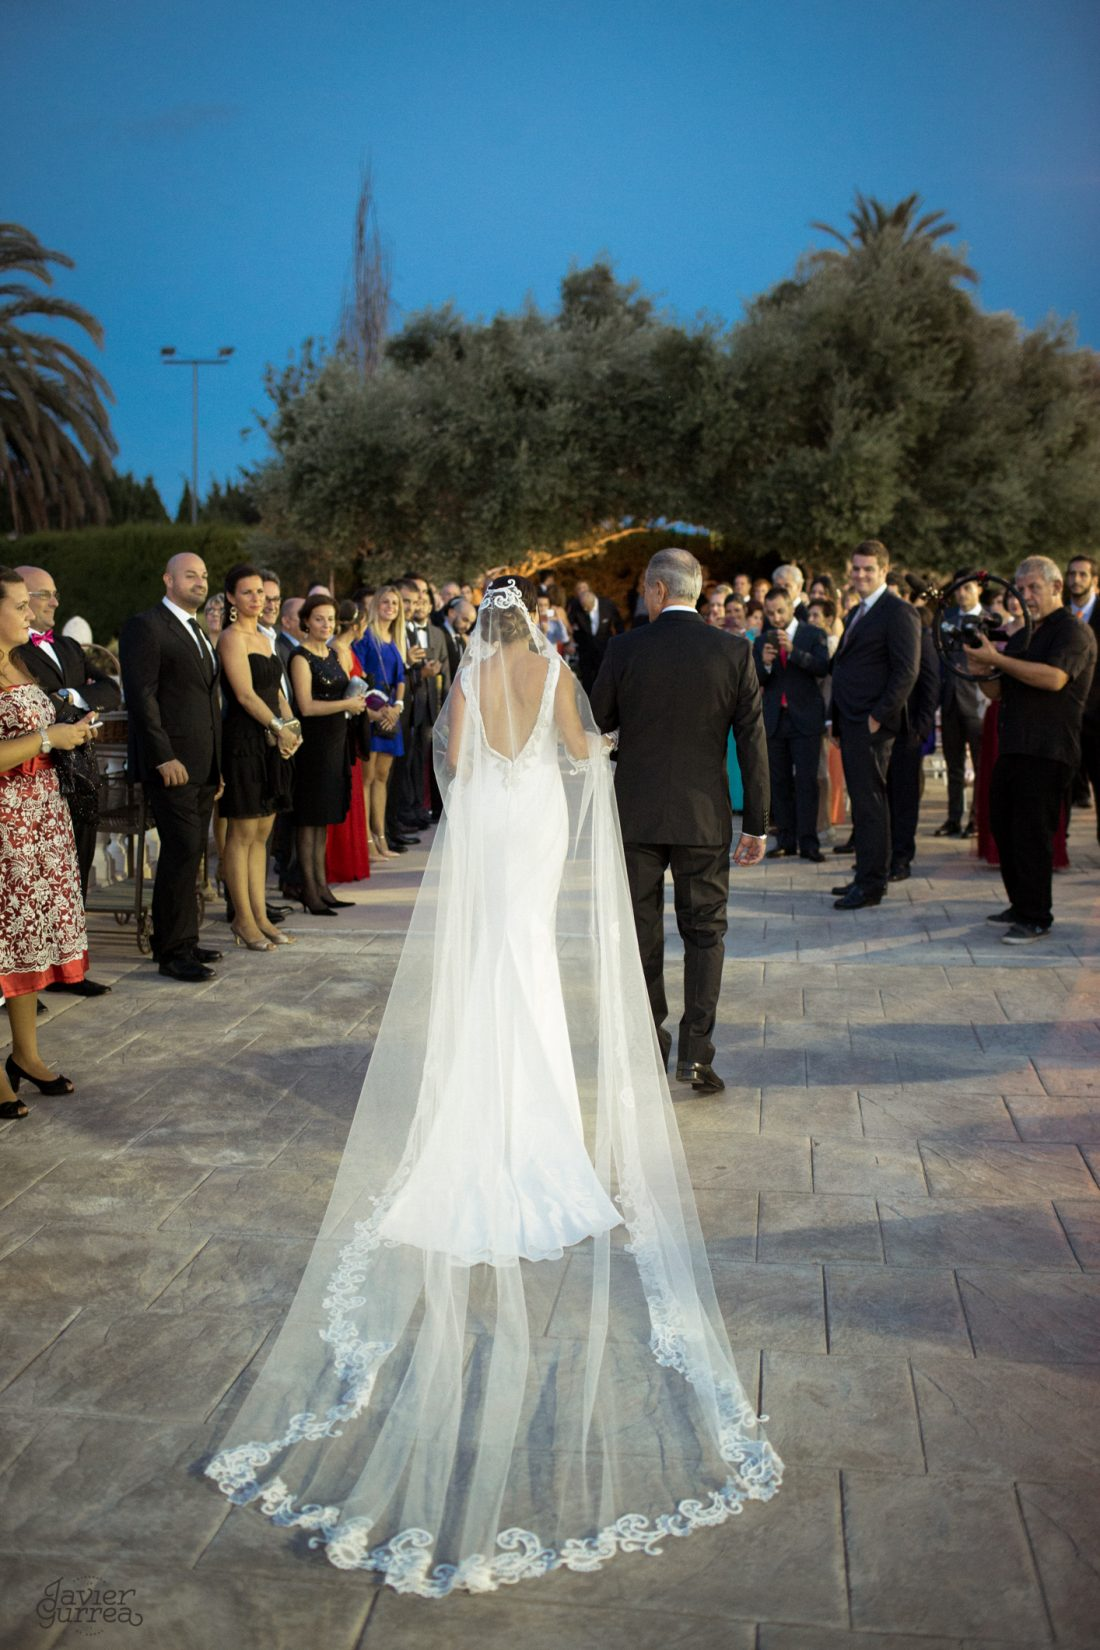 novios en su ceremonia de boda